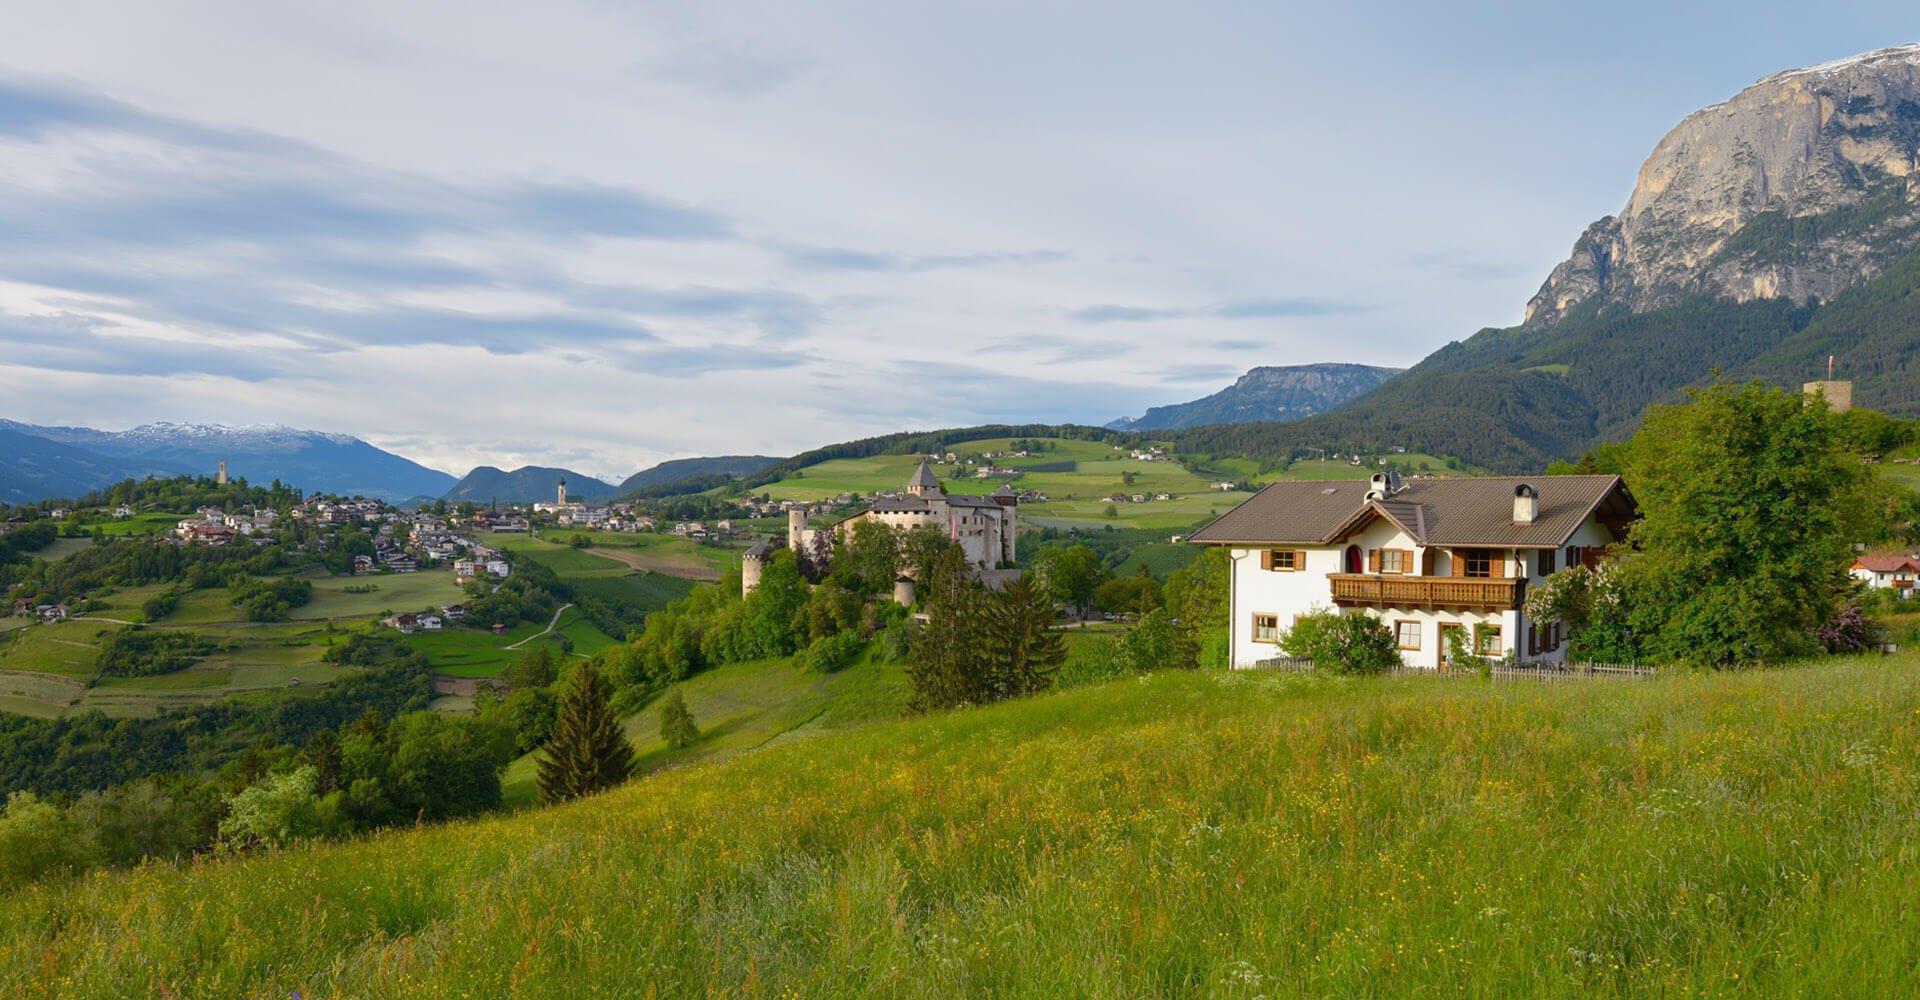 Schlosshof in Völs- Ferien in Südtirol